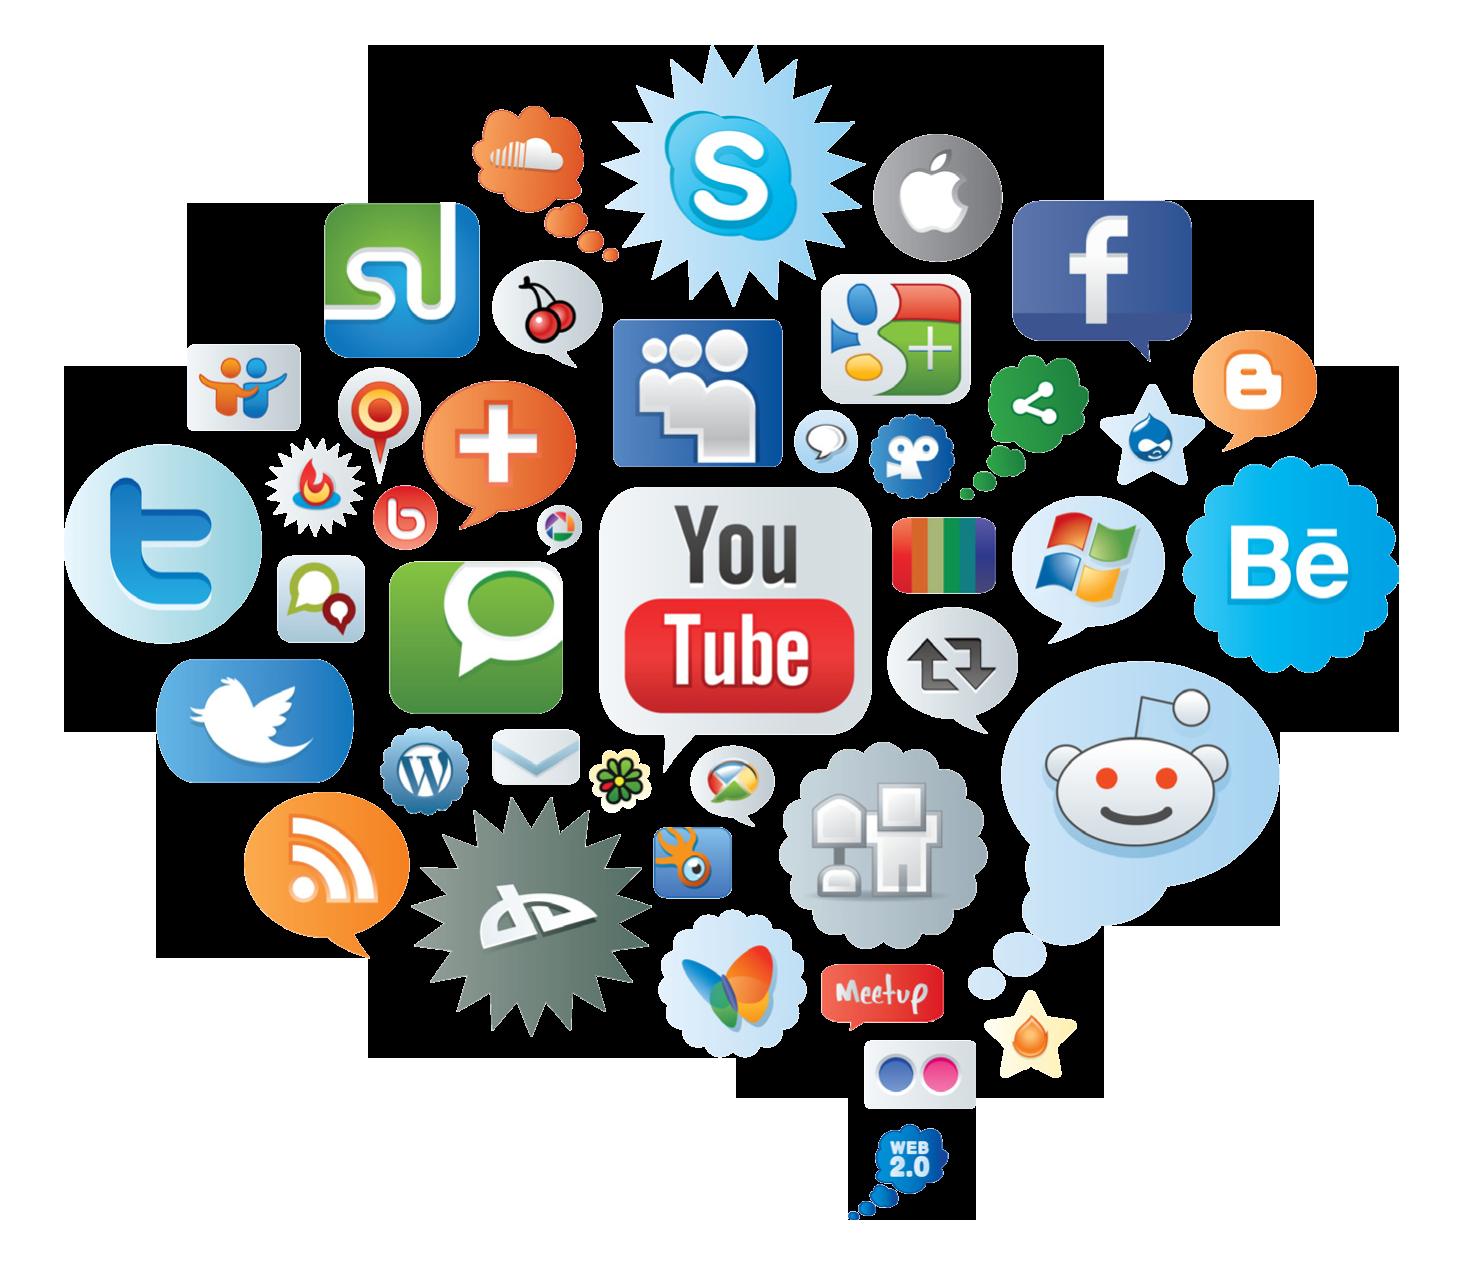 ما هي مميزات التسويق الالكتروني